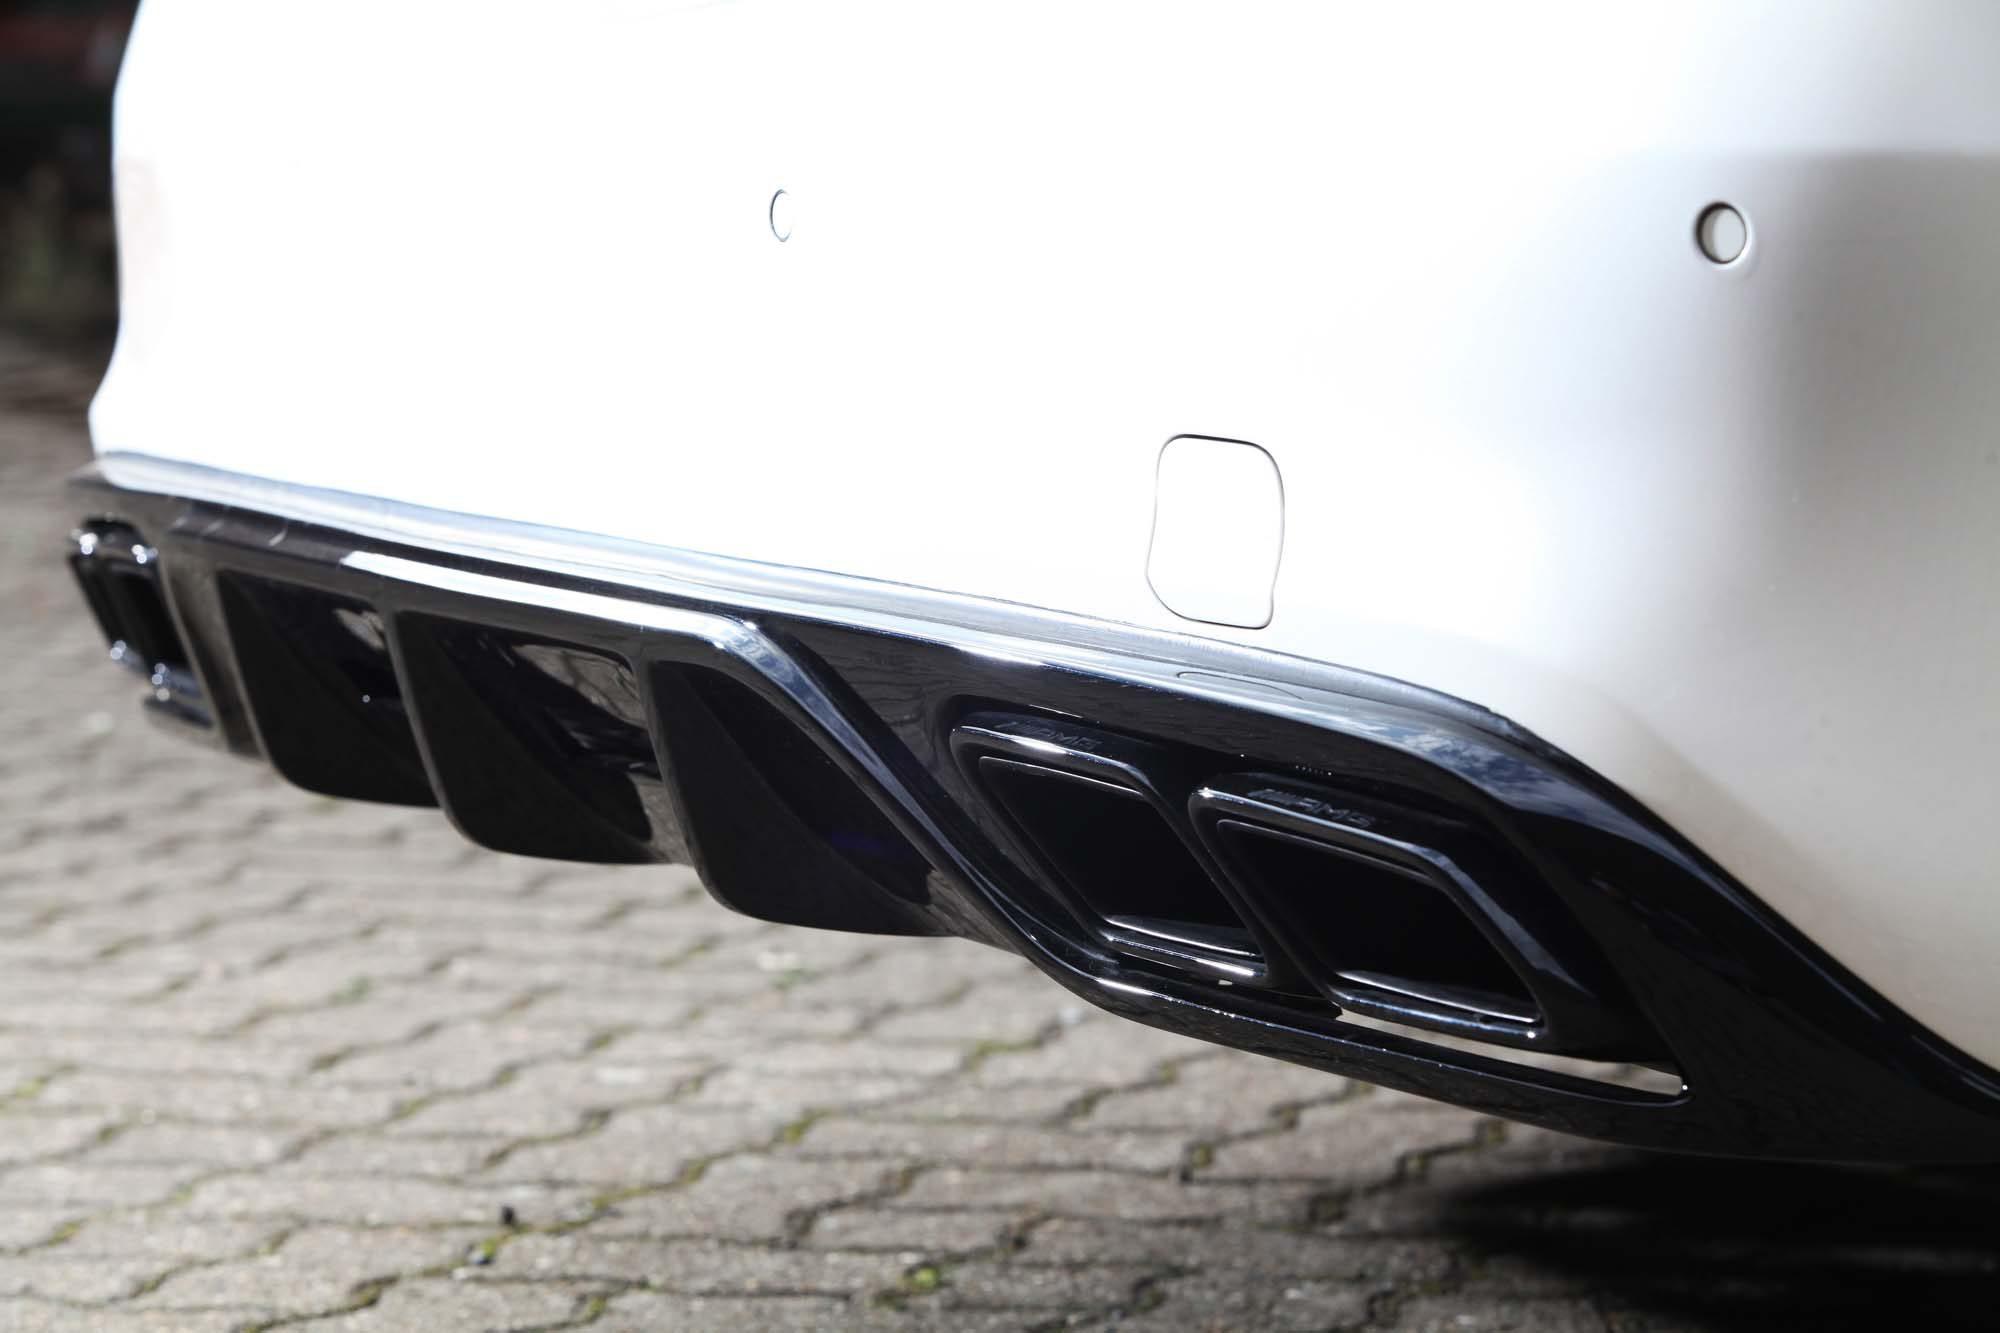 Der Diffusor mit Endrohren des Black Series am Mercedes-AMG S 63 L von Inden Design.